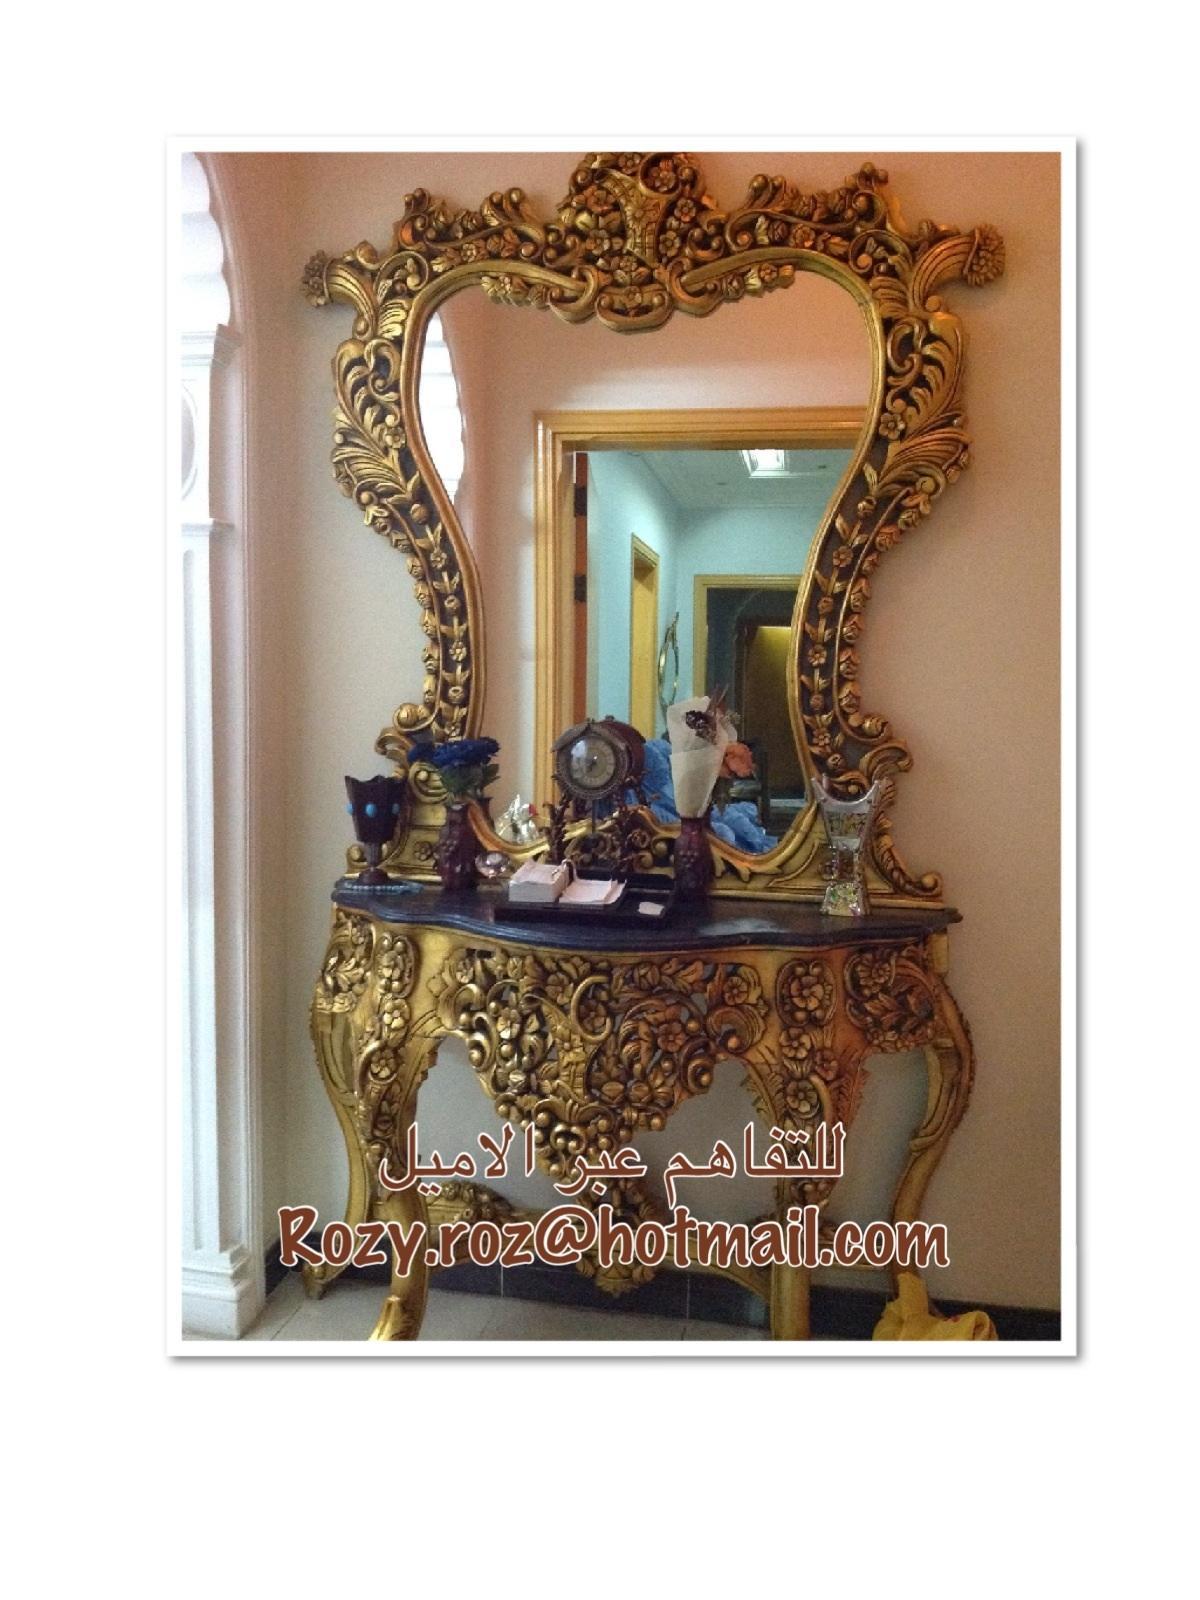 لمحبي الفخامه الذهبيه عفش مصري مطلي ذهبي فرنسي 537819841.jpg